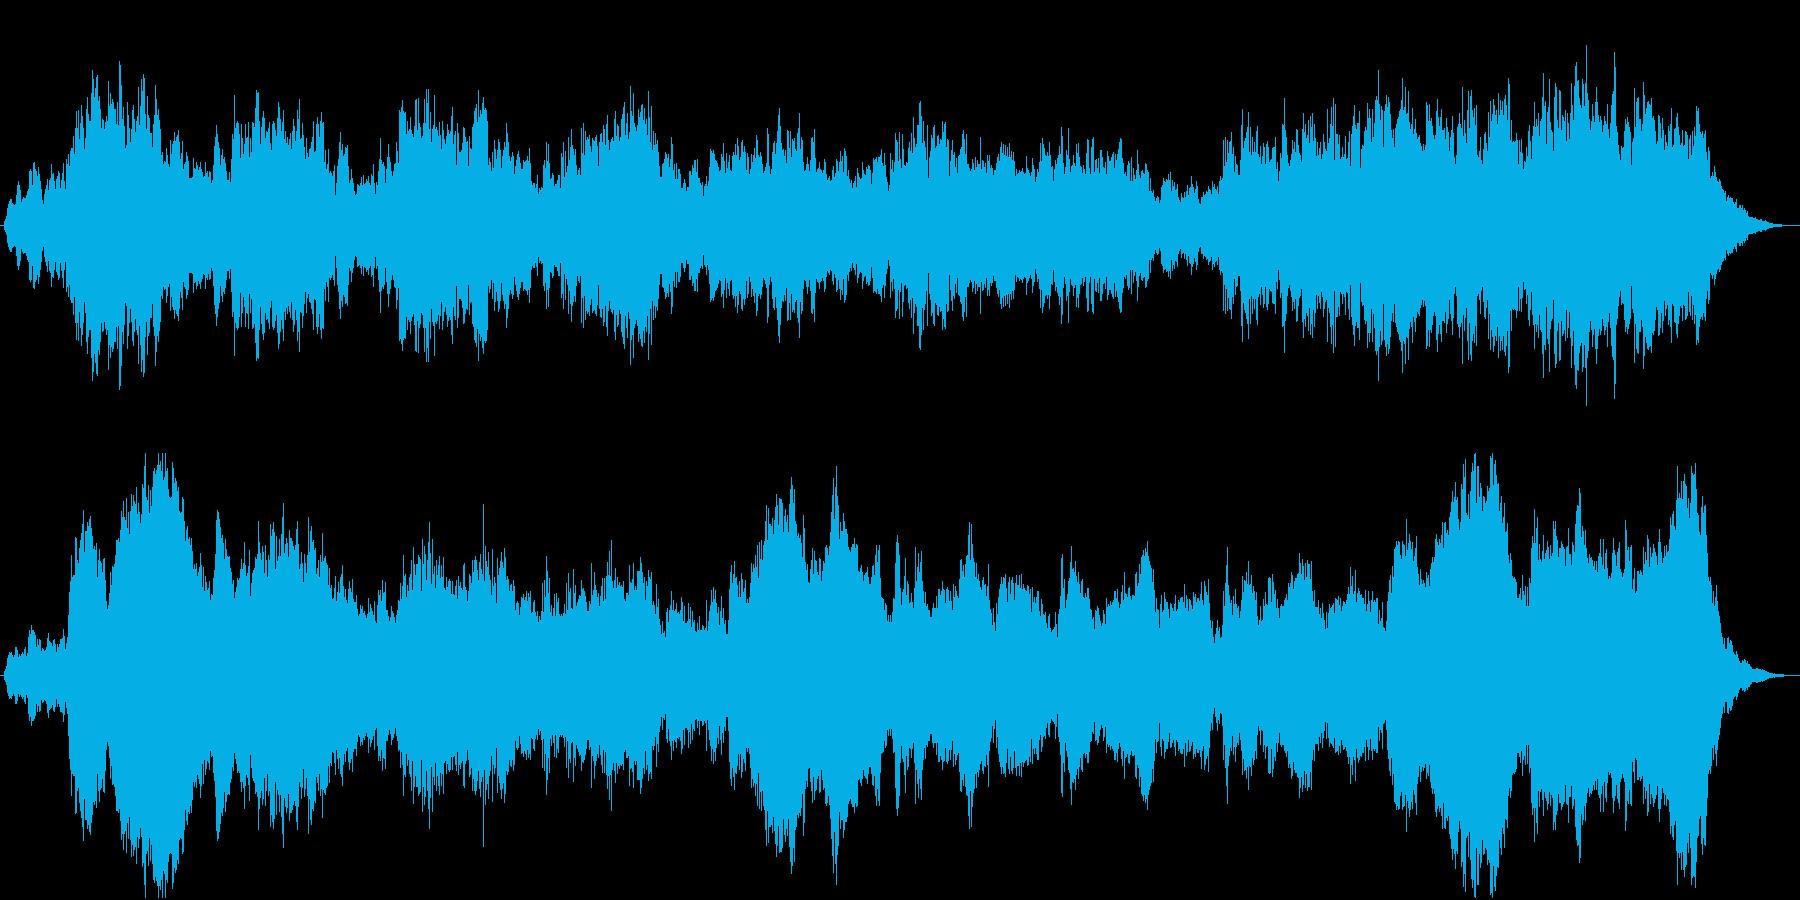 悲痛で重くて辛く悲しい雰囲気の30秒の曲の再生済みの波形